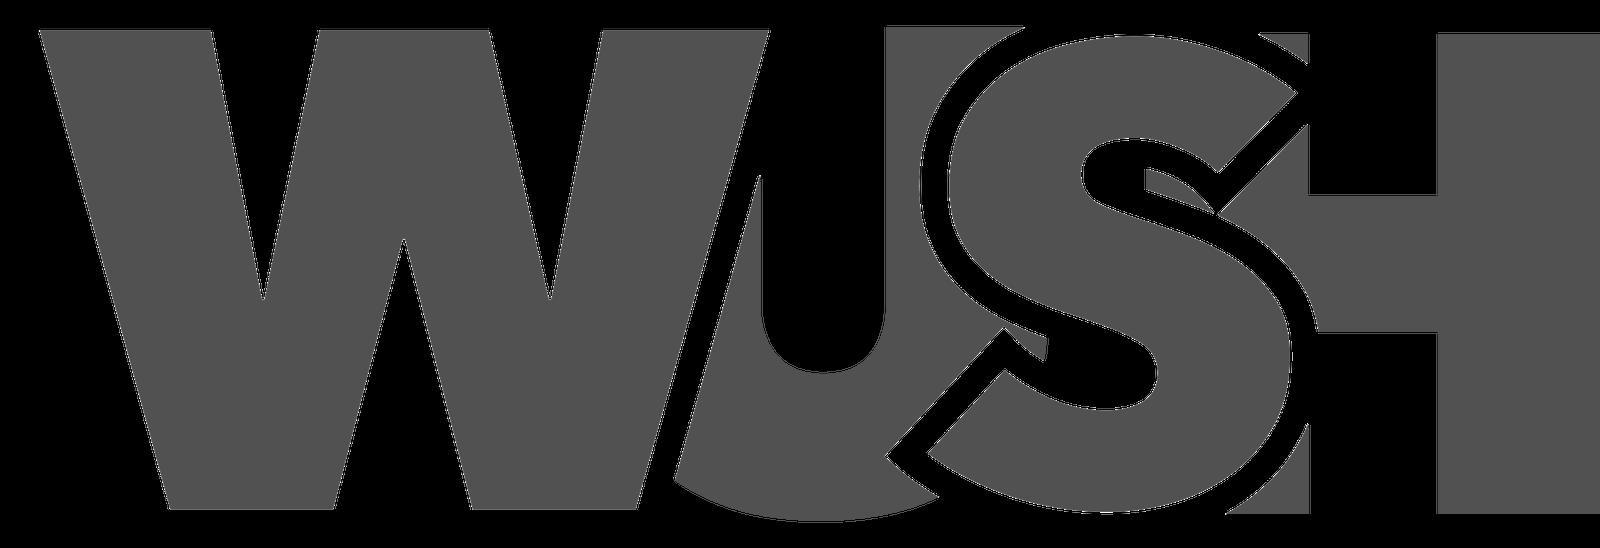 wush-marine